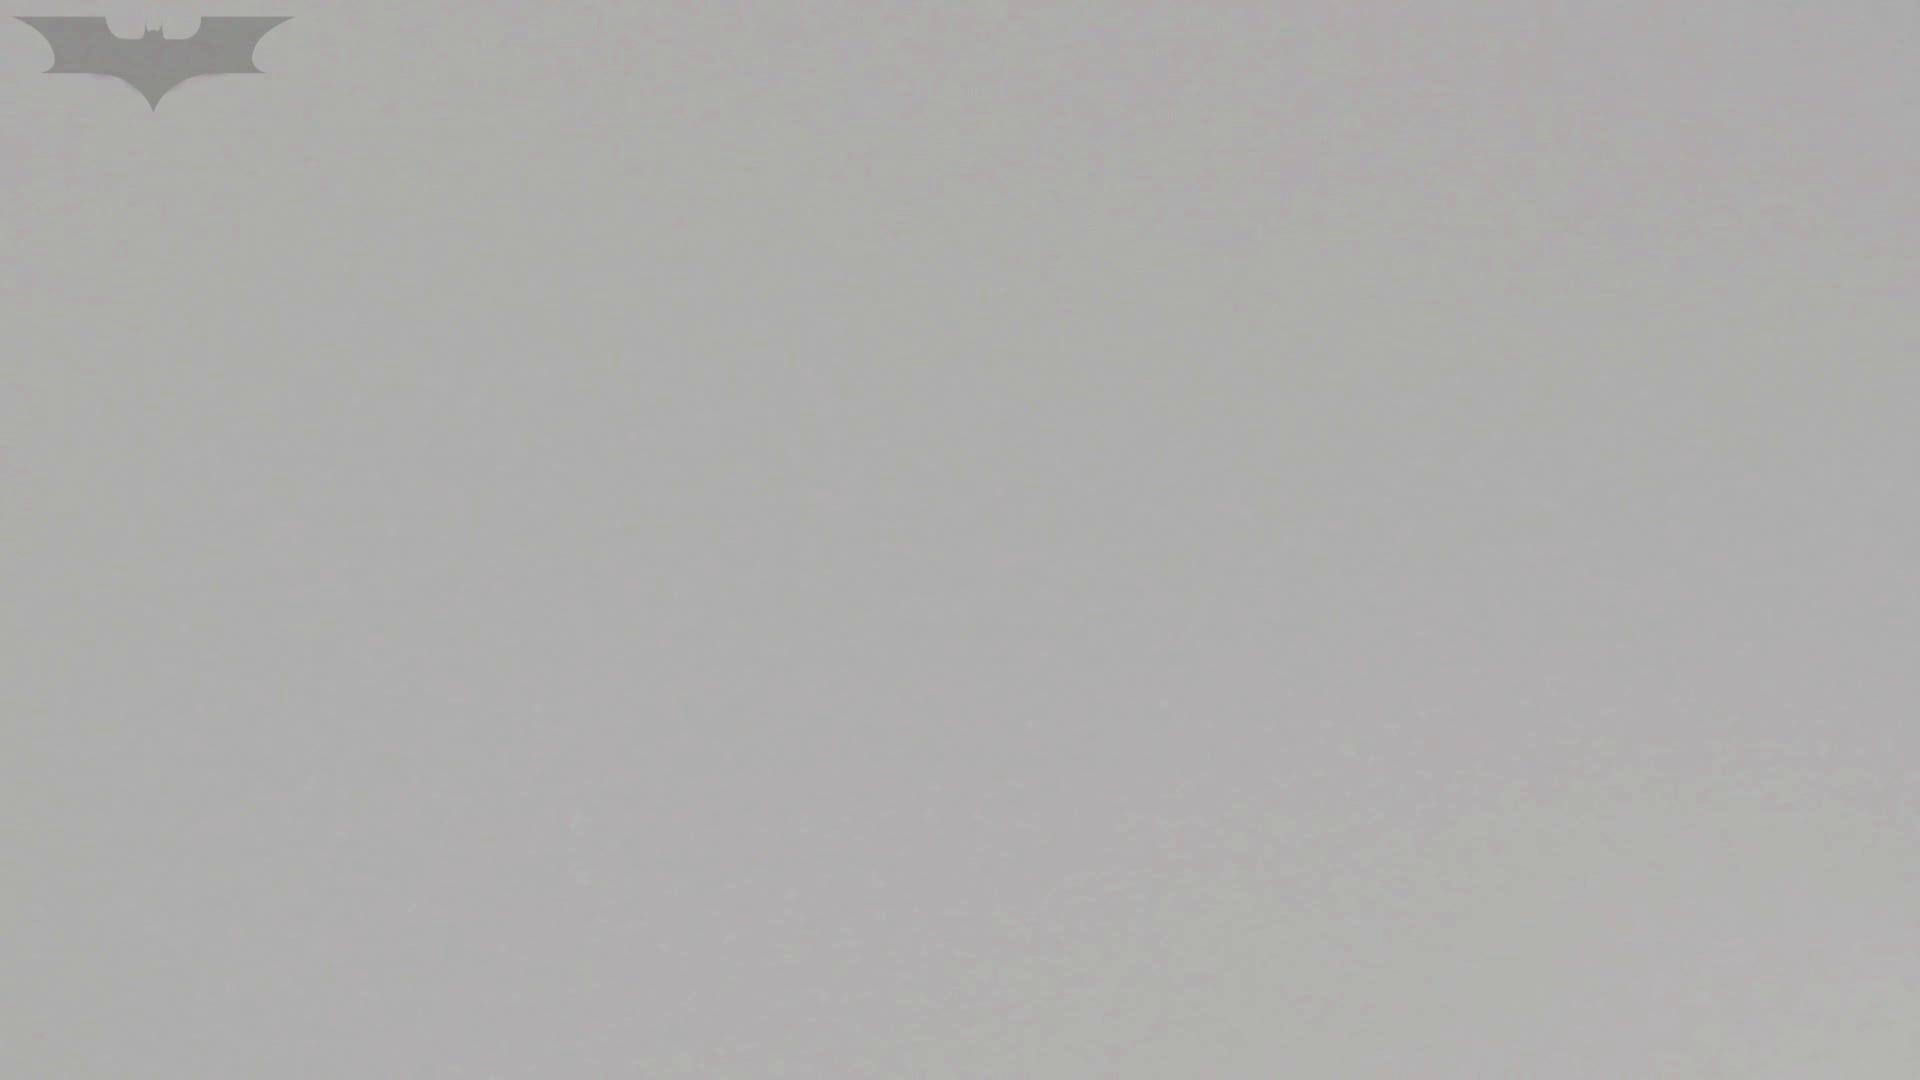 ステーション編 vol.28 無料動画に登場したモデルつい本番登場!! ギャル達 ワレメ動画紹介 99枚 80